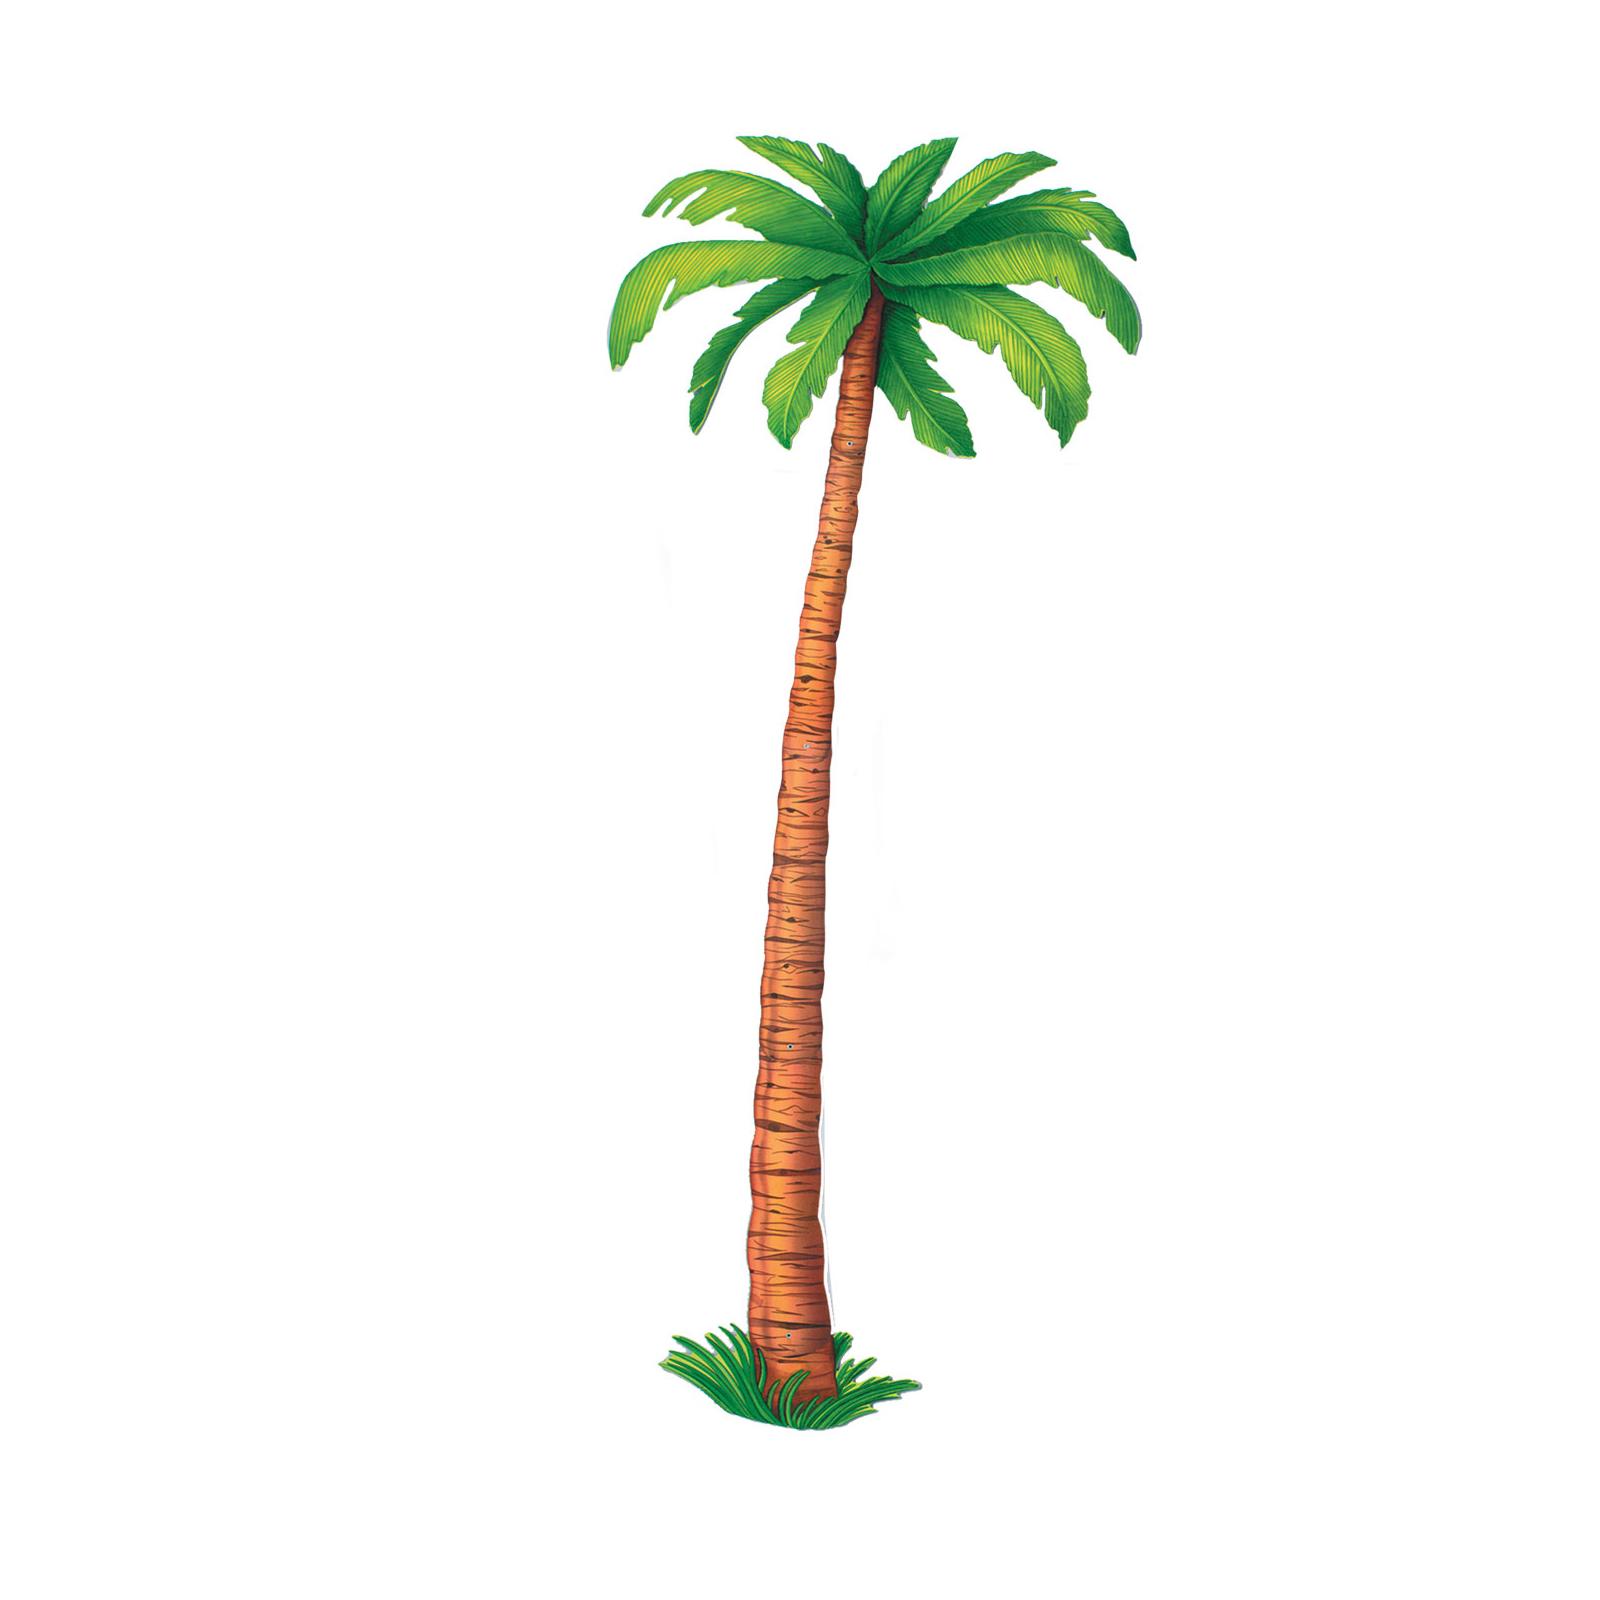 Как сделать пальму из бумаги своими руками фото